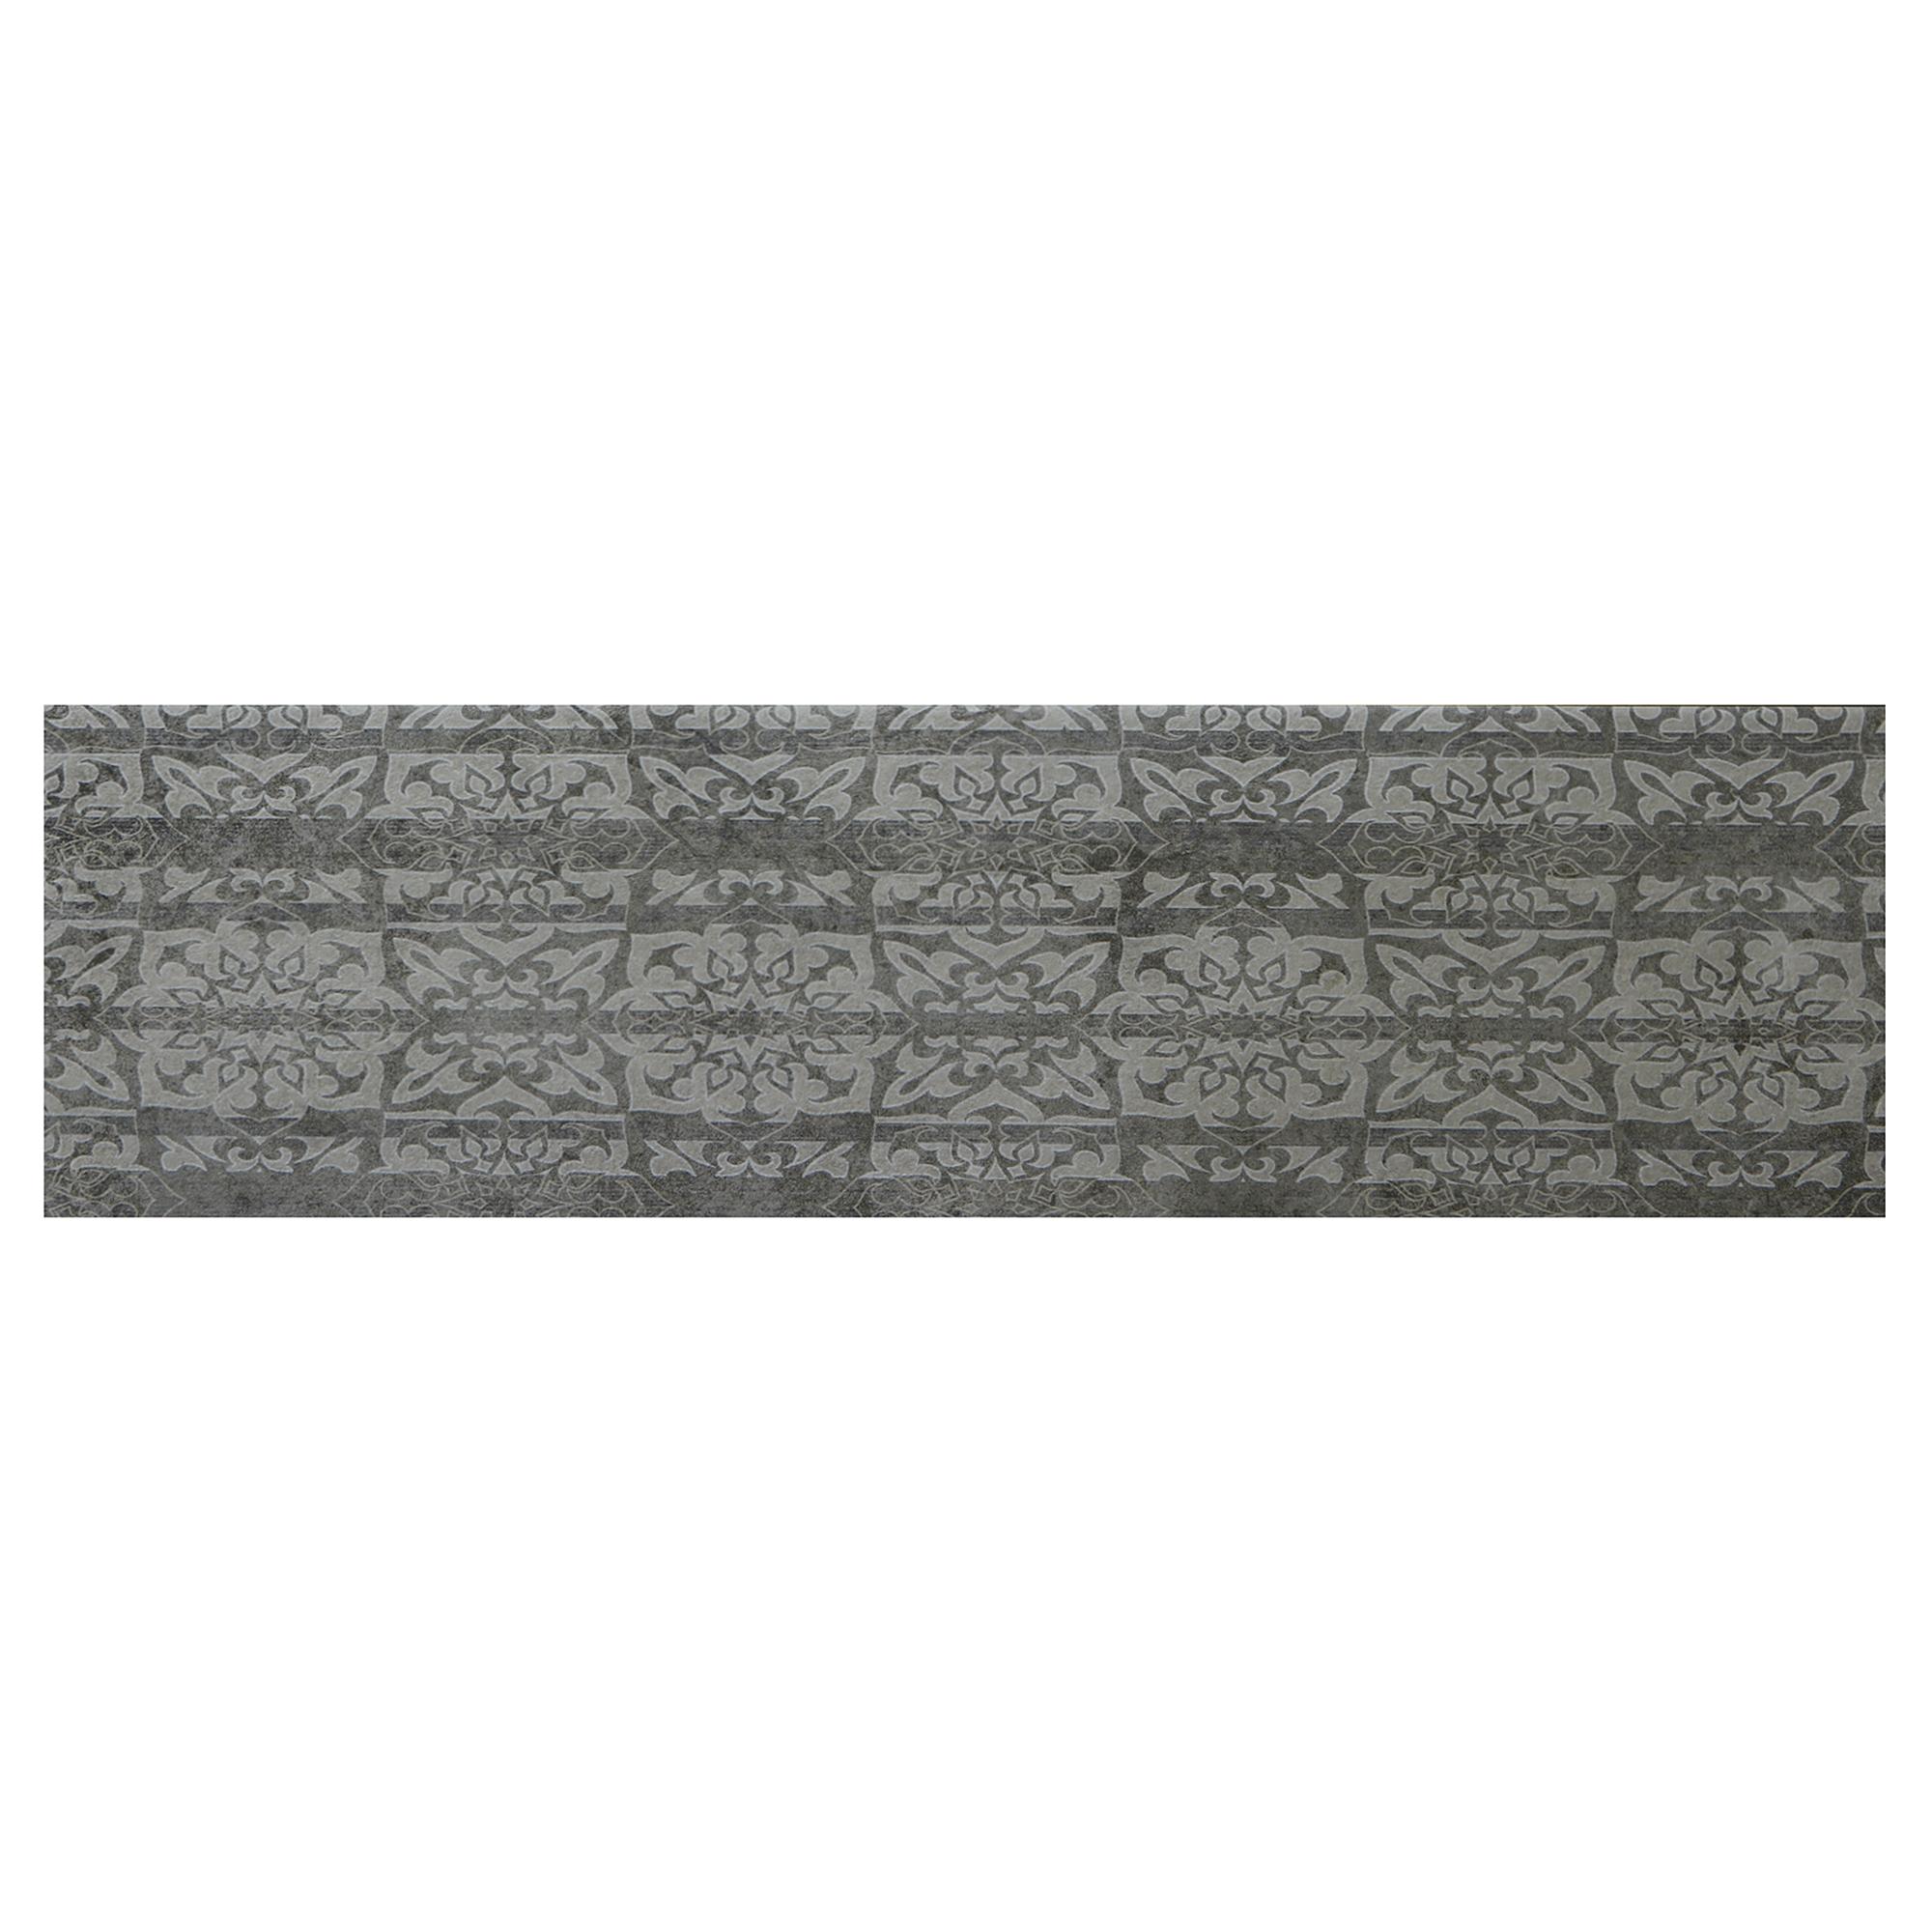 Фото - Плитка настенная Cristacer MUSE DECOR GRIS 25х75 керамическая плитка laparet crema бежевый настенная 25х75 см